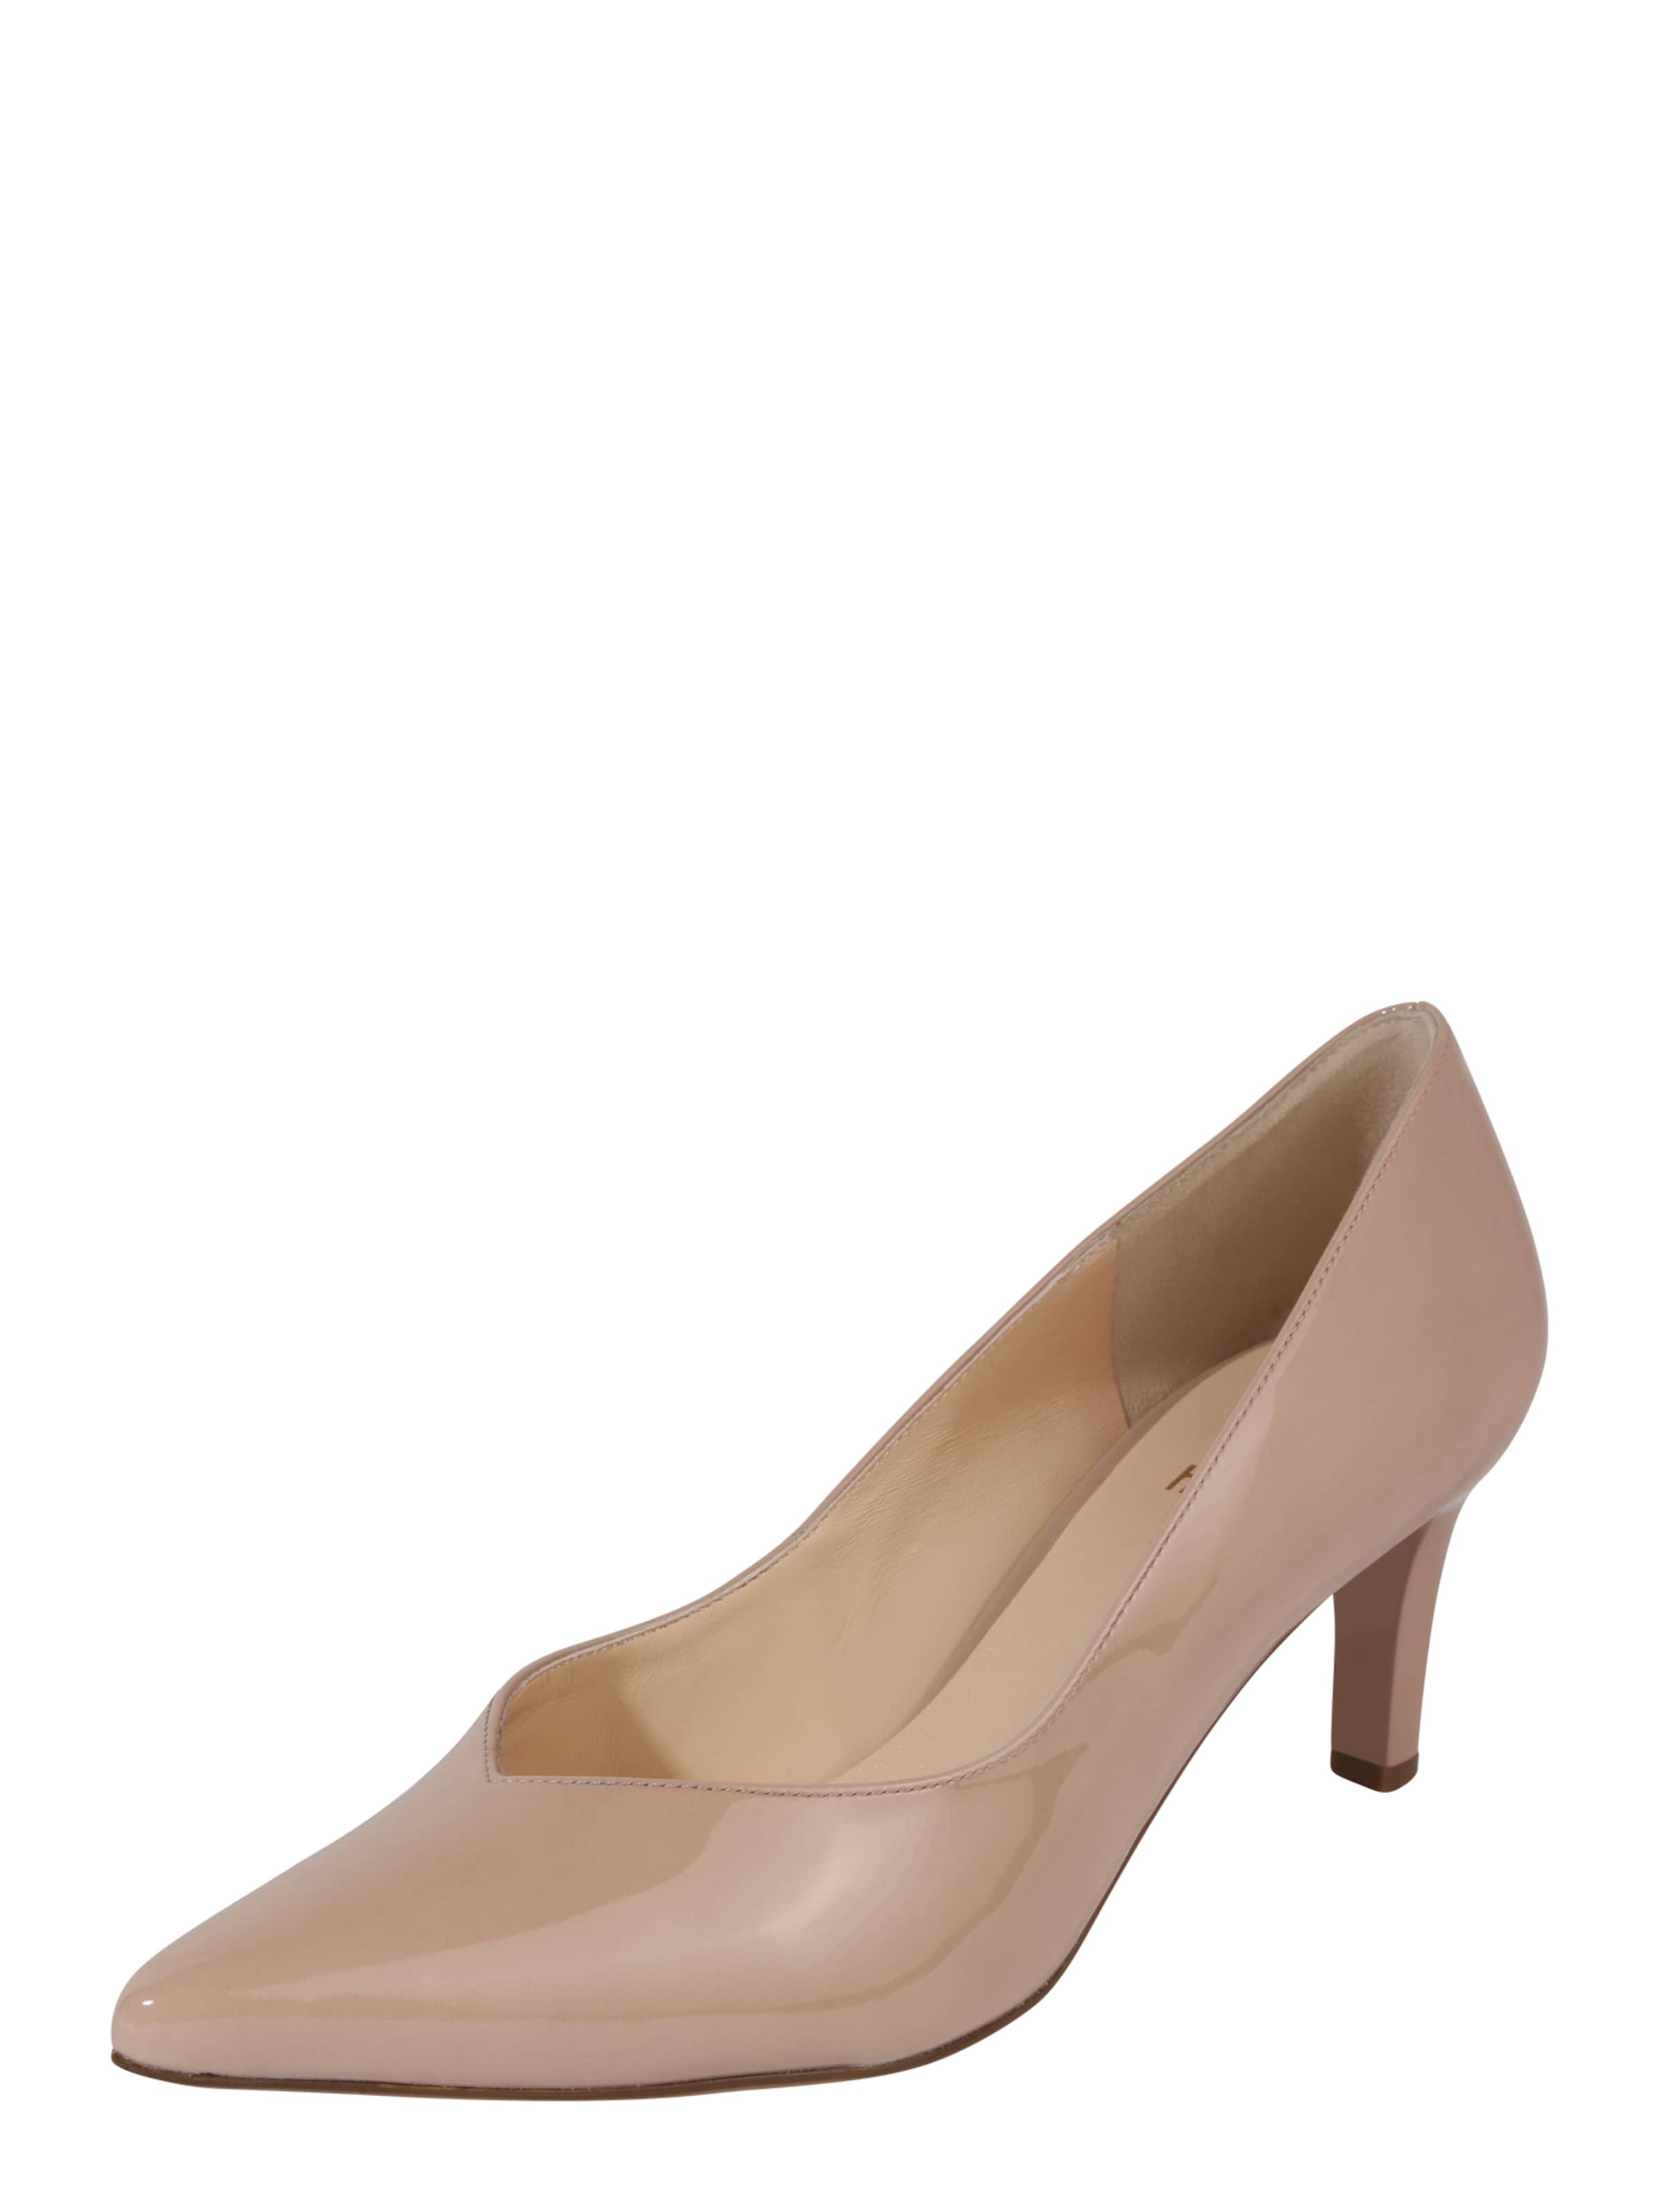 Högl Spitzer Lackpump Verschleißfeste billige Schuhe